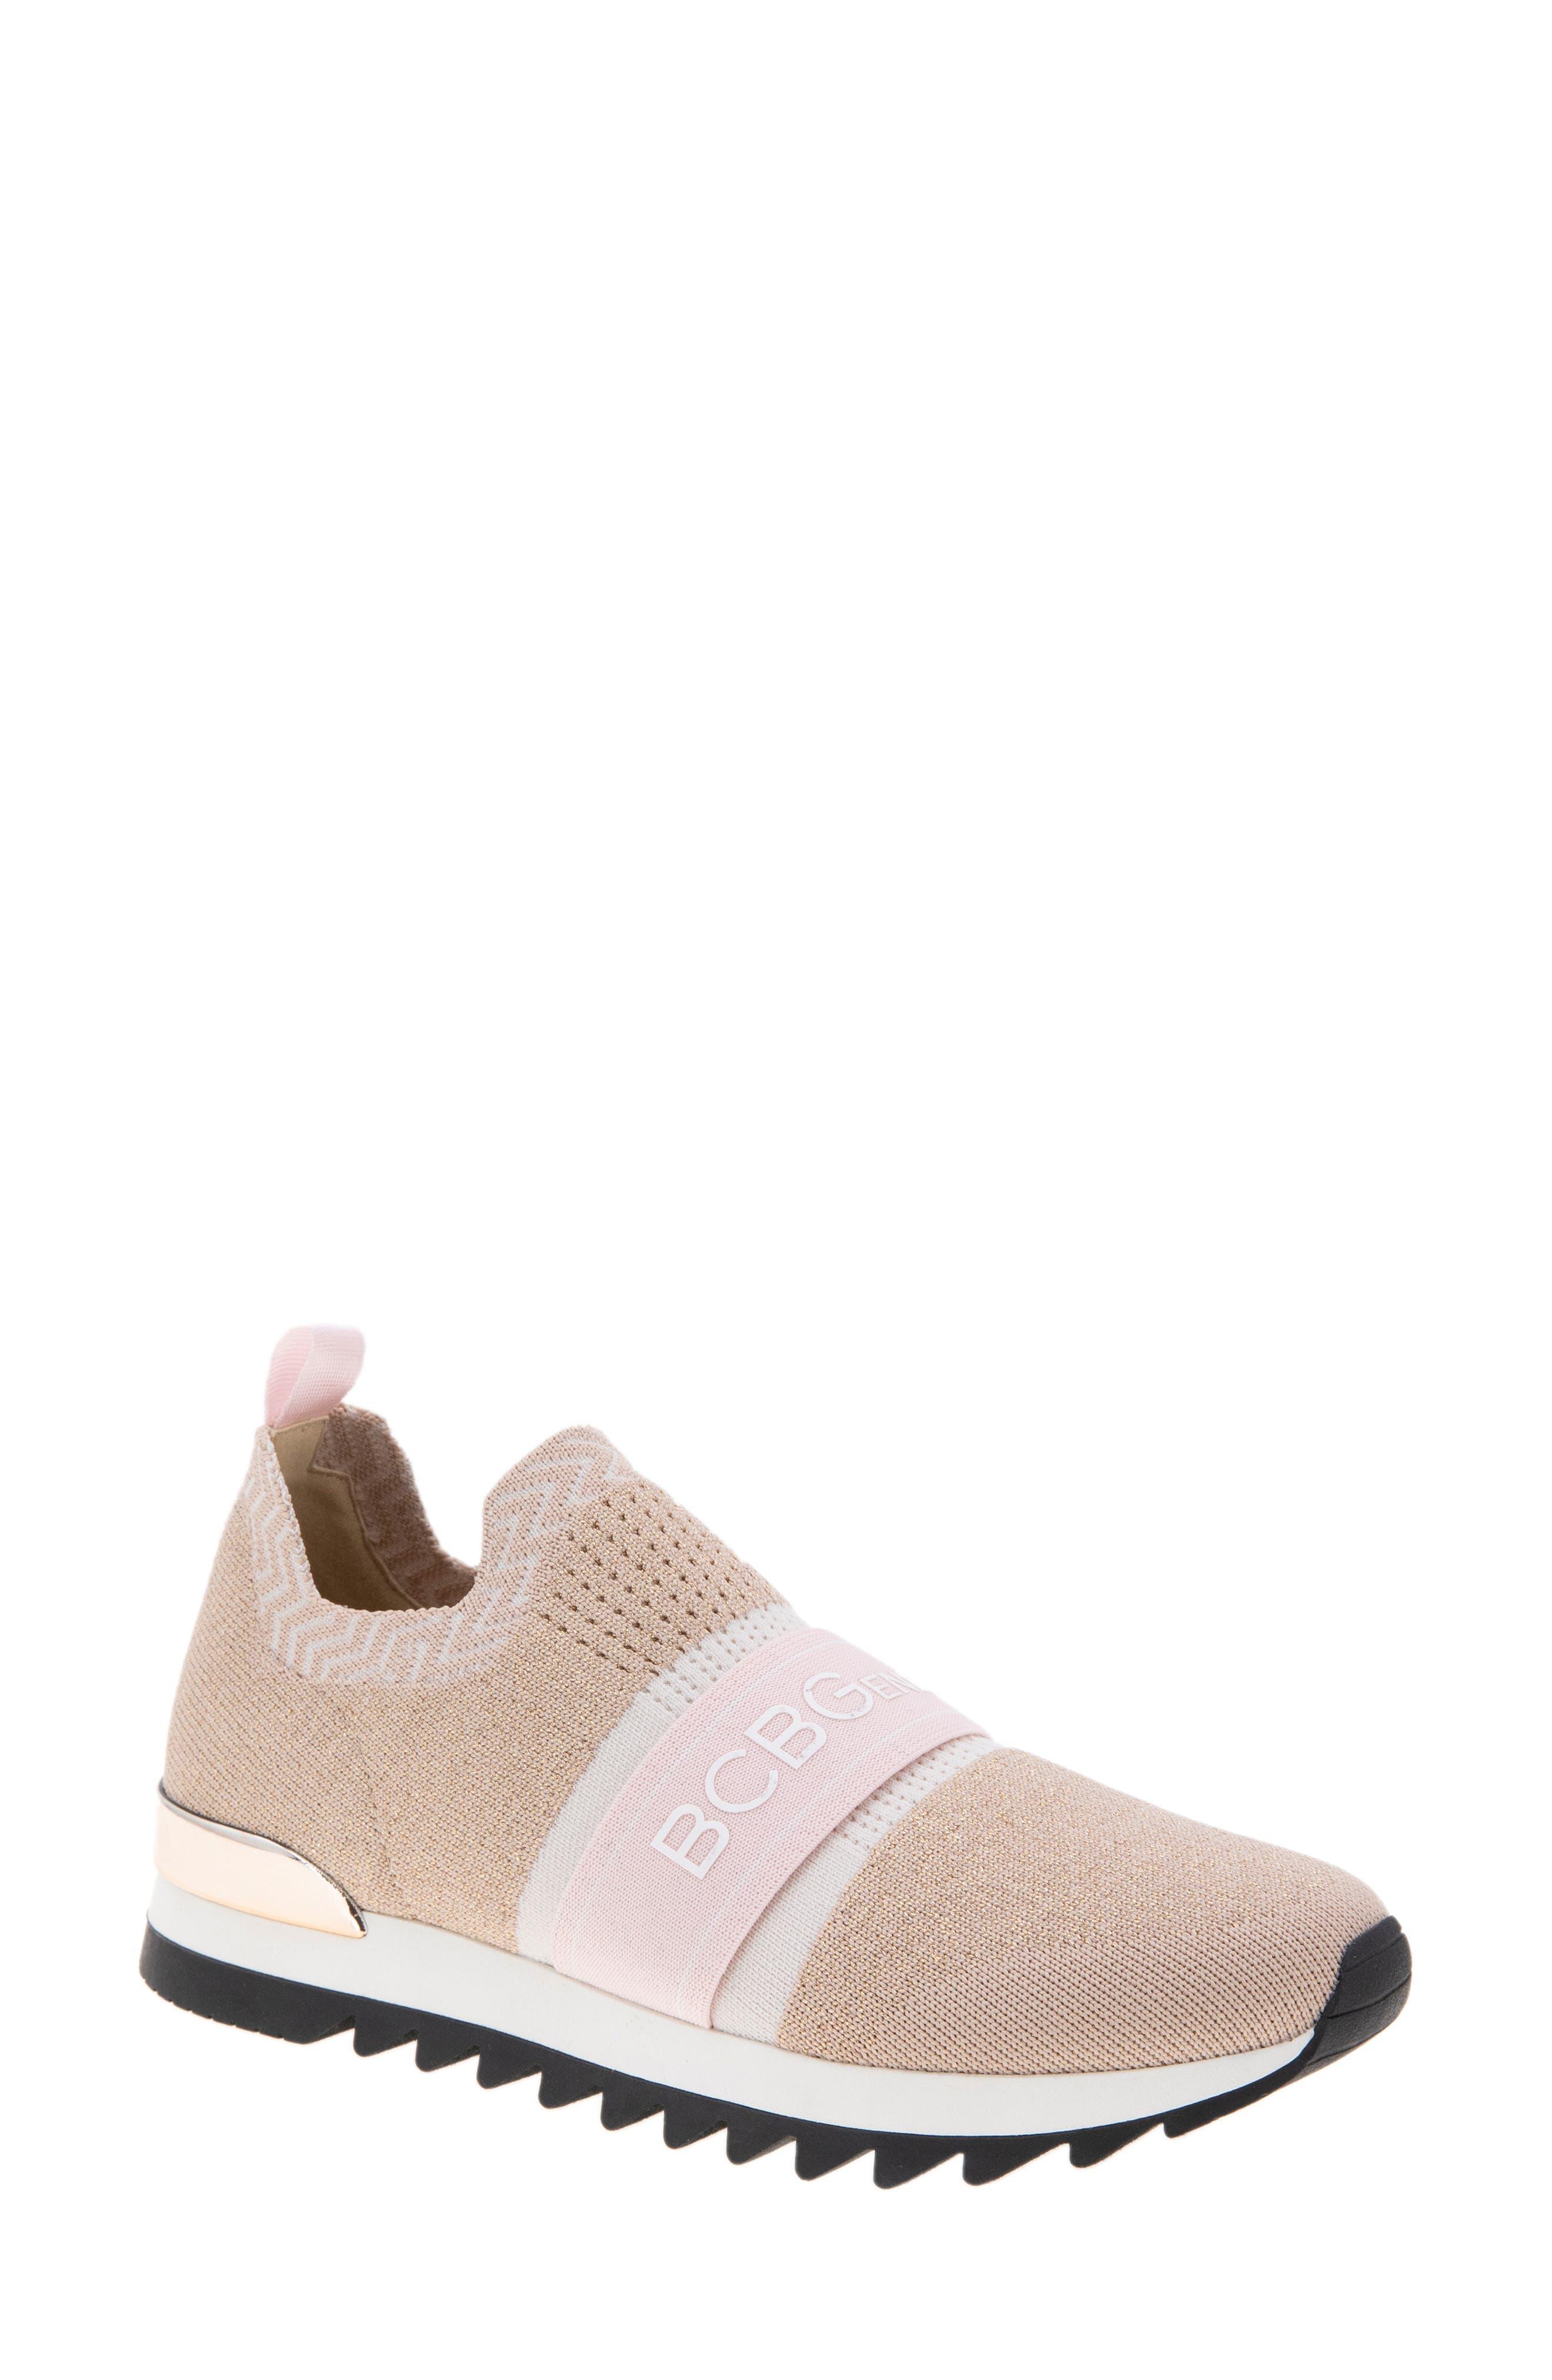 Lendall Knit Slip-On Sneaker